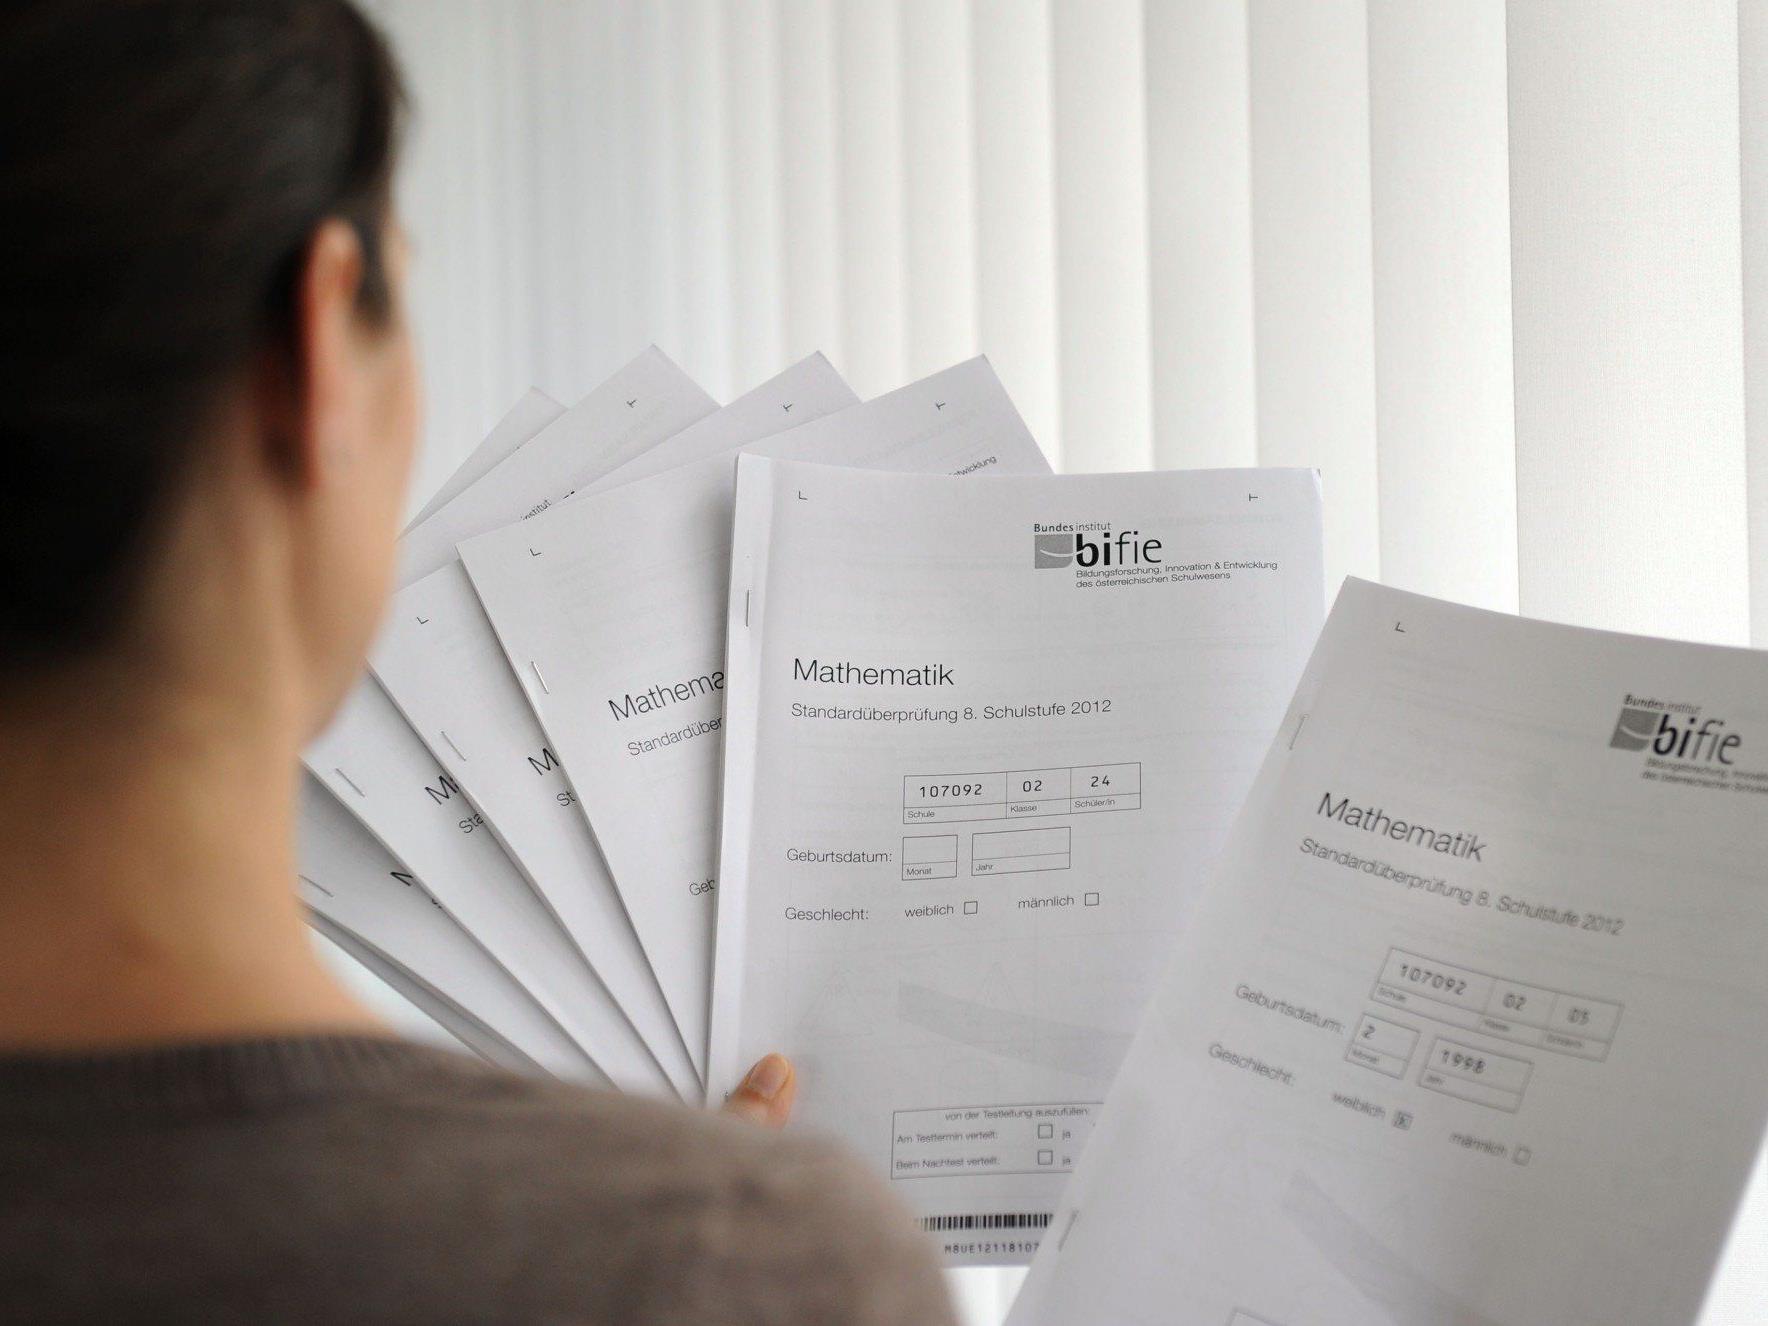 Bildungsstandardtests: Die Aufgabenbögen für die geplanten Prüfungen im April und im Mai können wieder eingestampft werden.